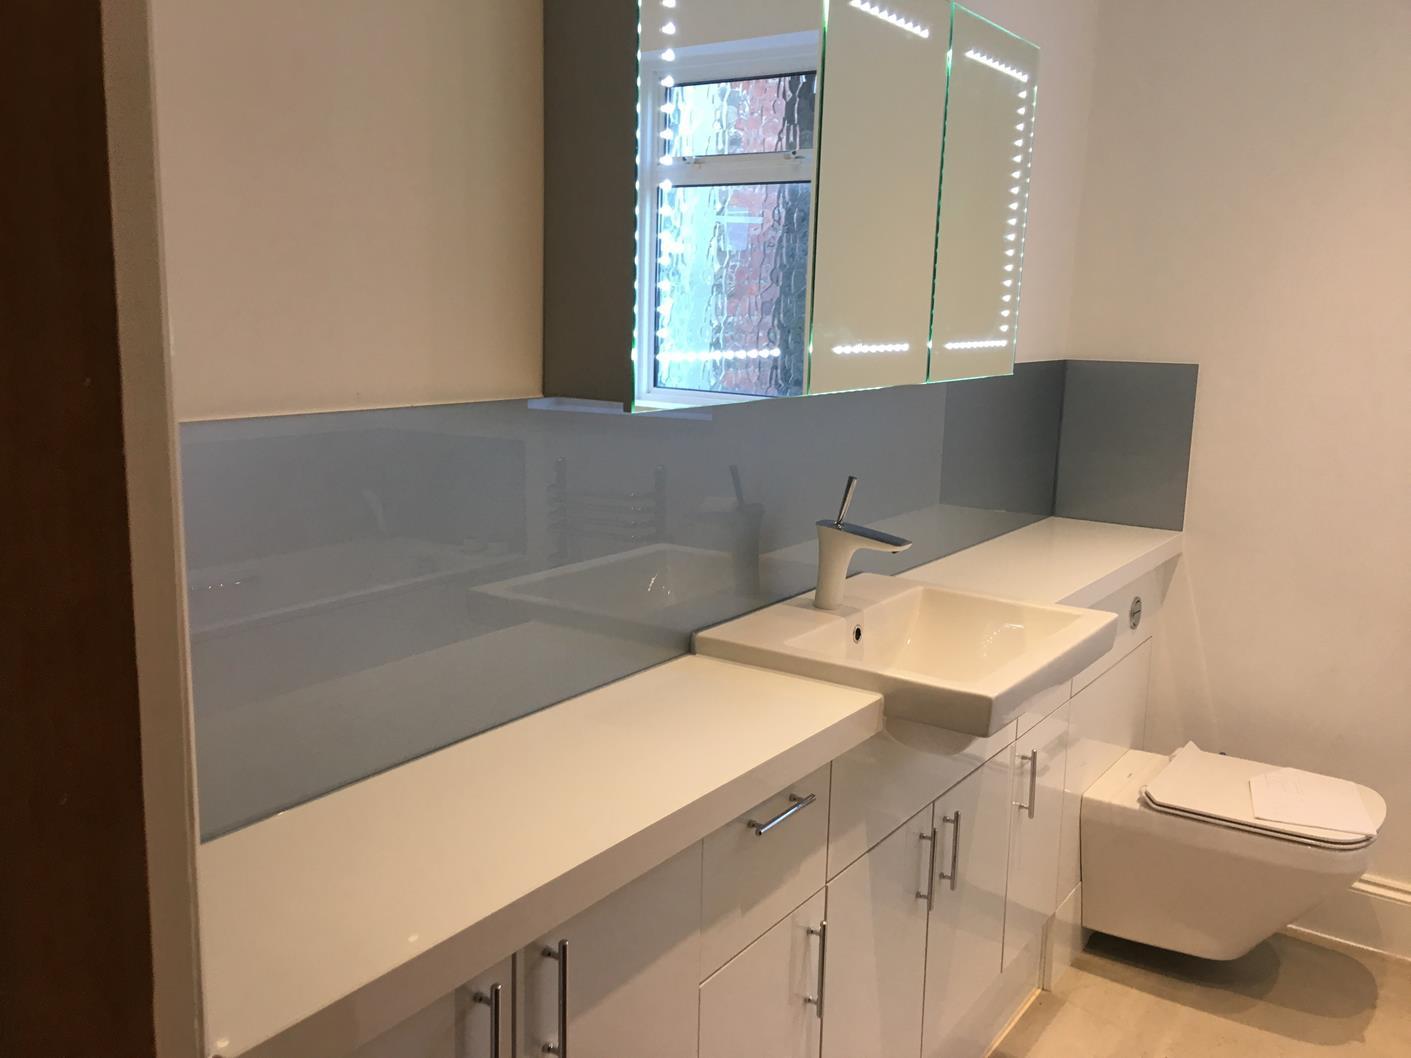 Splashback Panels Bathroom 28 Images Bathroom Glass Splashbacks Bathroom Glass Splashbacks